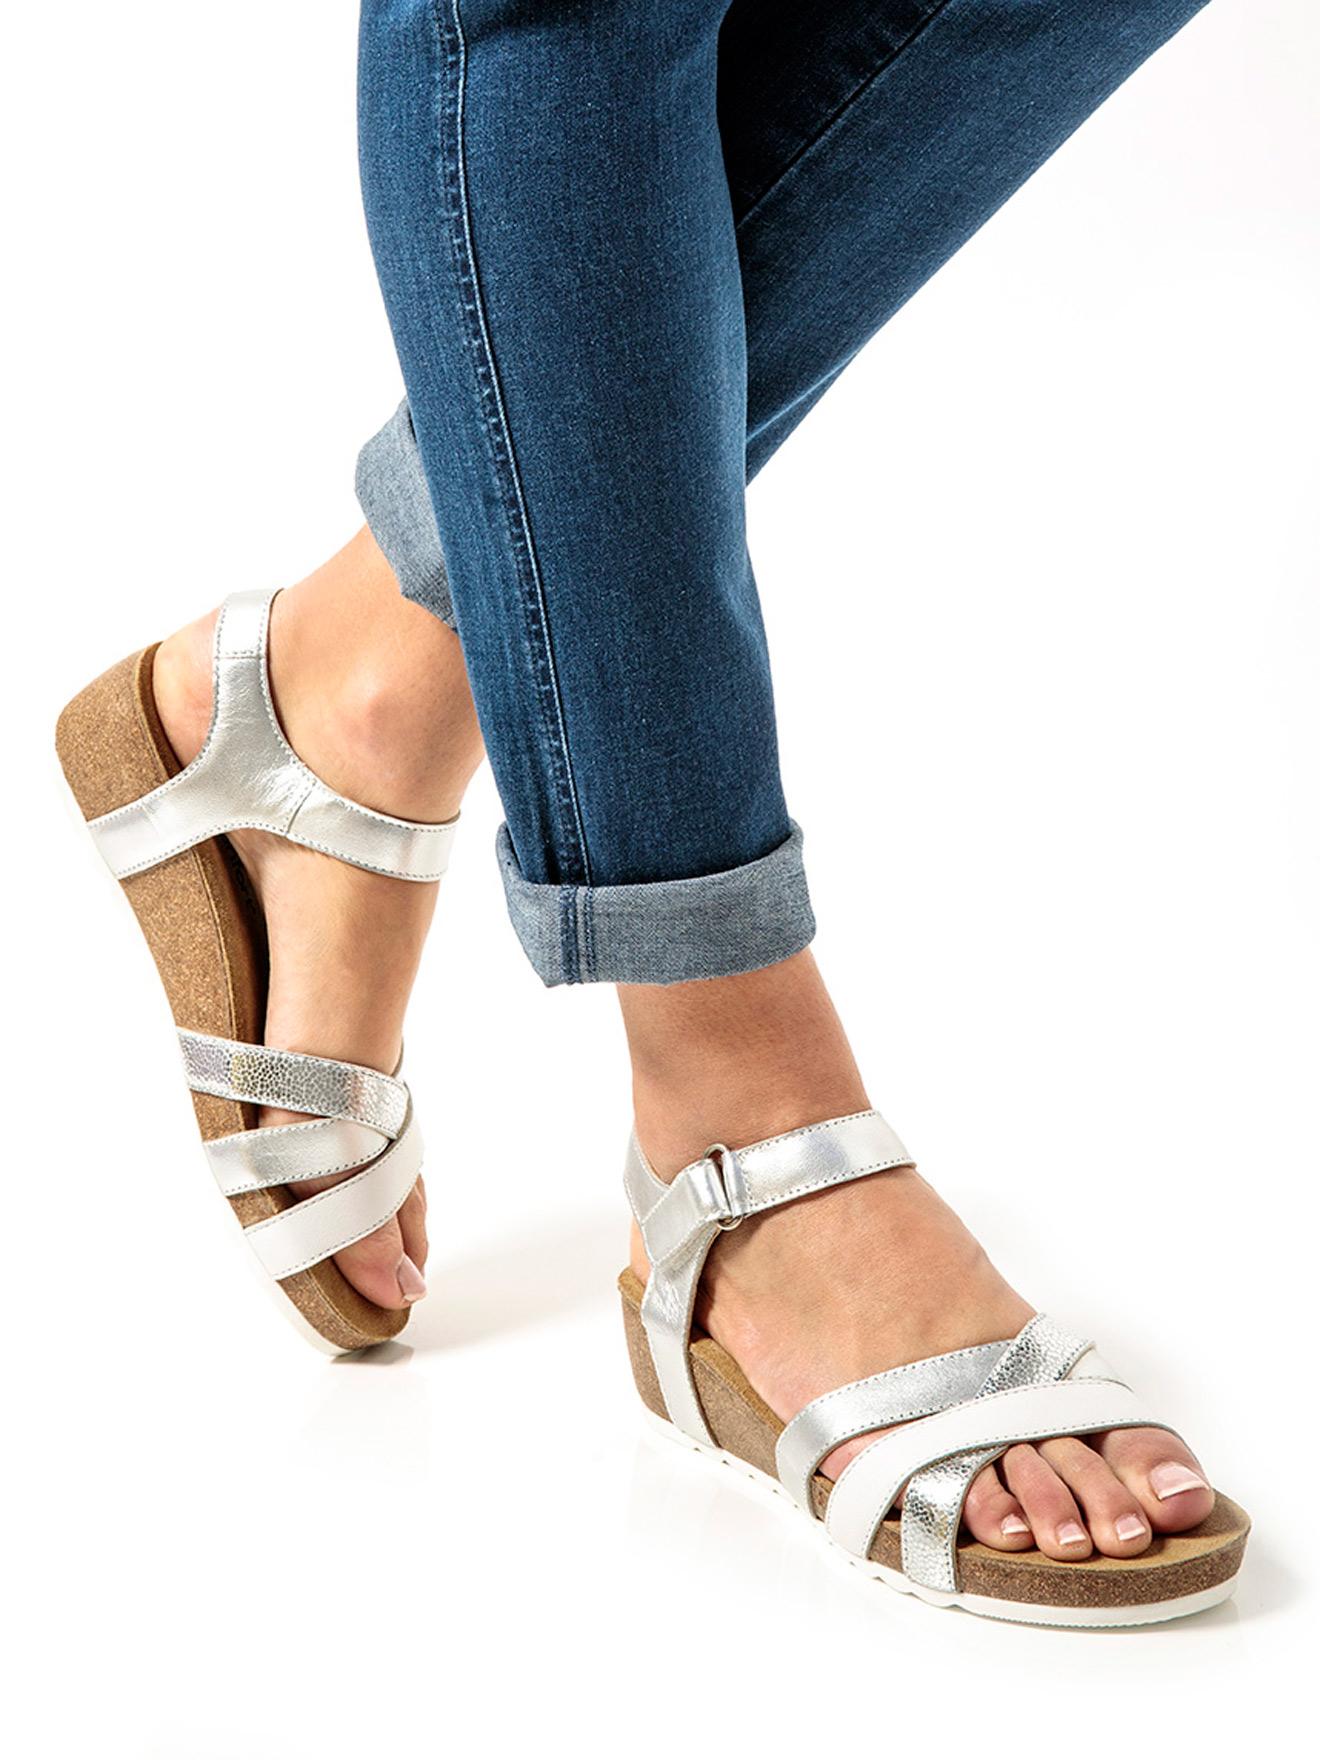 c38aa543dd22d2 Sandale bicolores, talon liège - Daxon